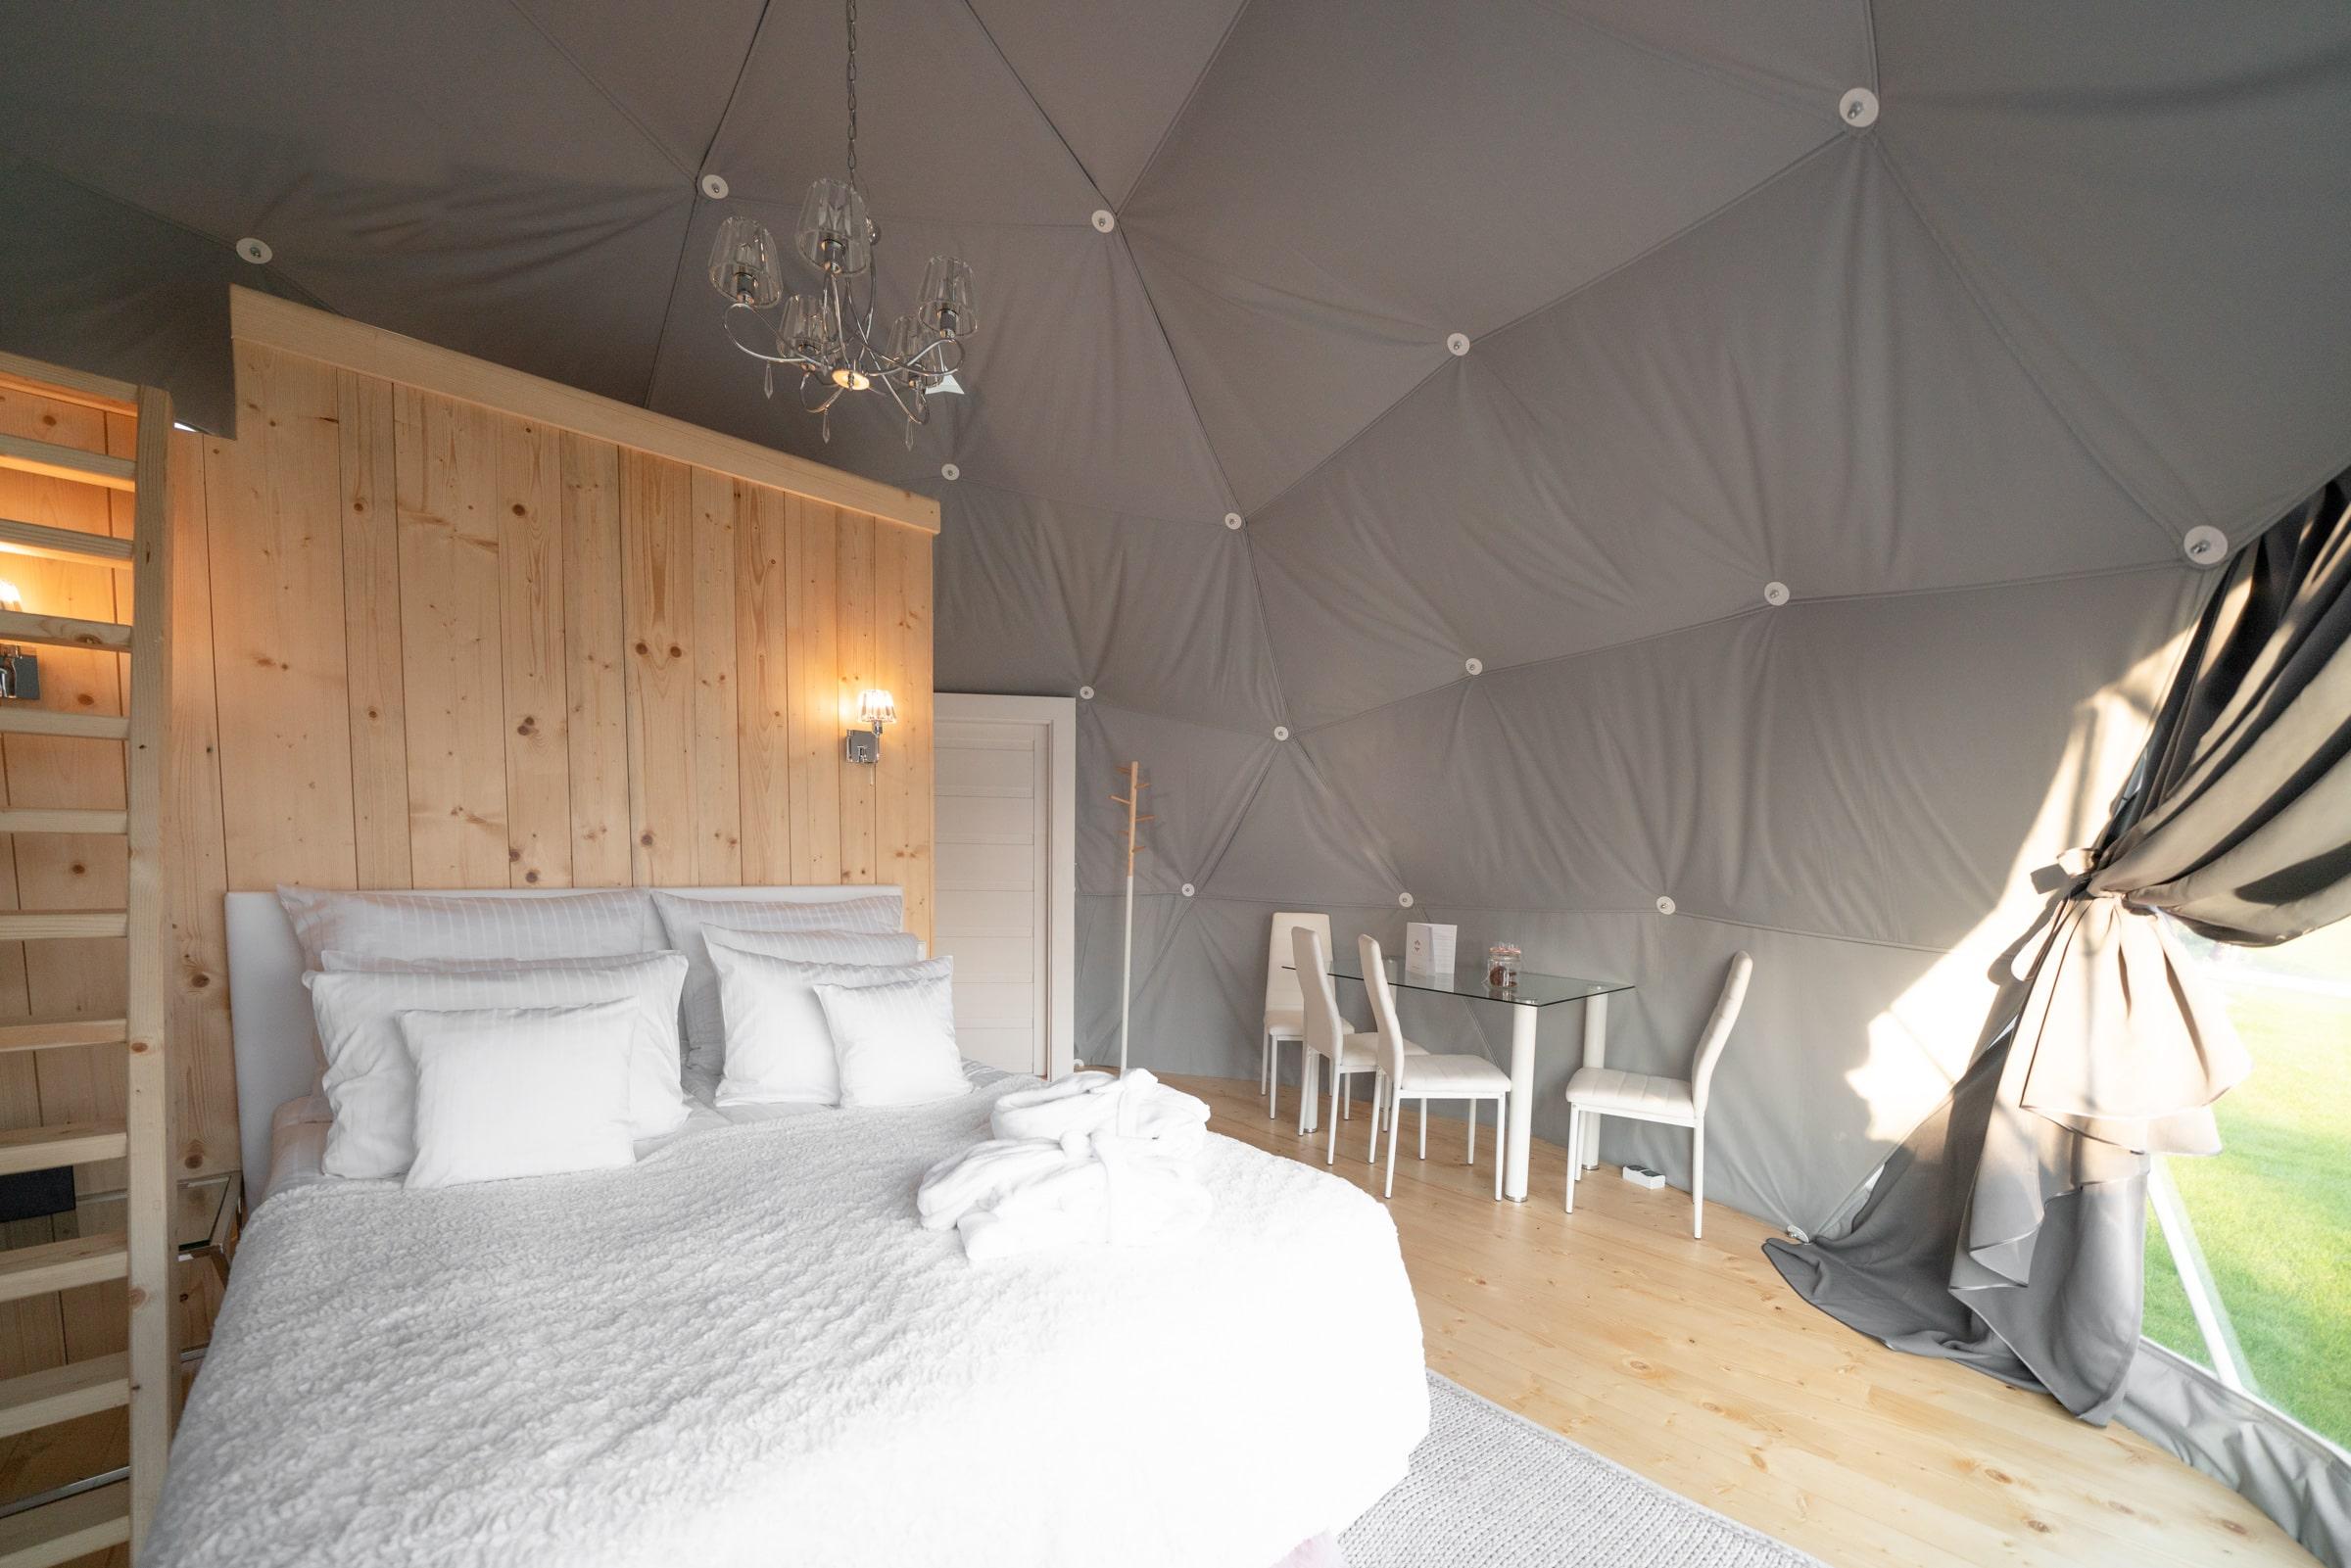 Tatra  Glamp - Where will I sleep?